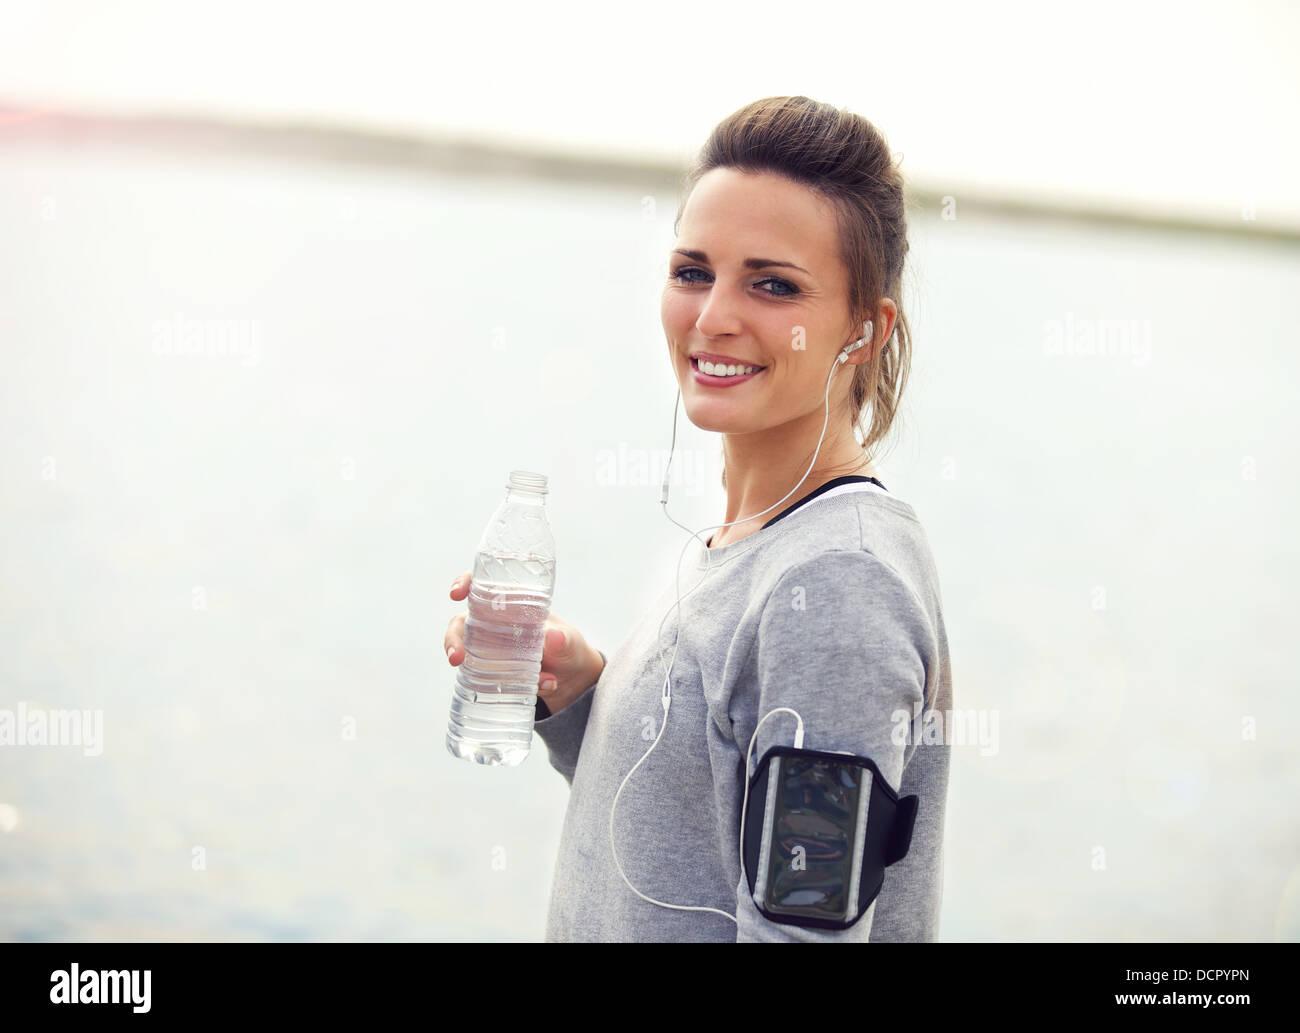 De l'eau femme sur une pause de l'eau en bouteille holding Banque D'Images